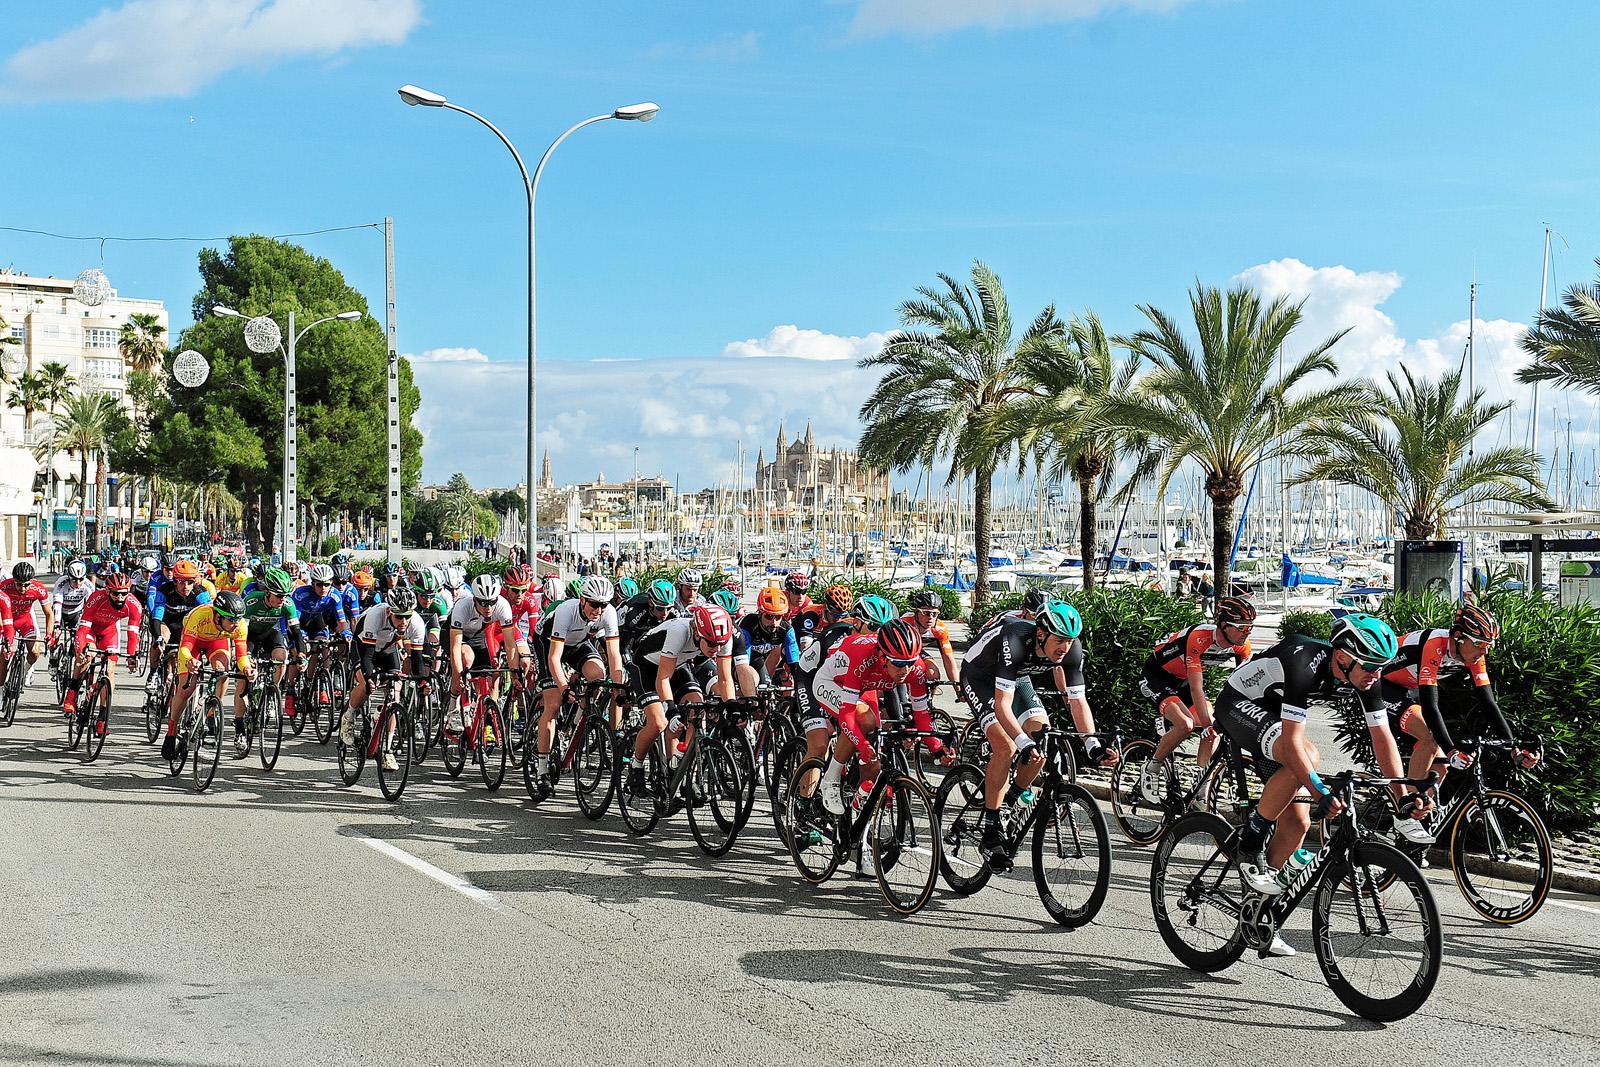 Und schließlich bei der Trofeo Palma, dem letzten von vier zeitgleich stattfindenden Einzelrennen.